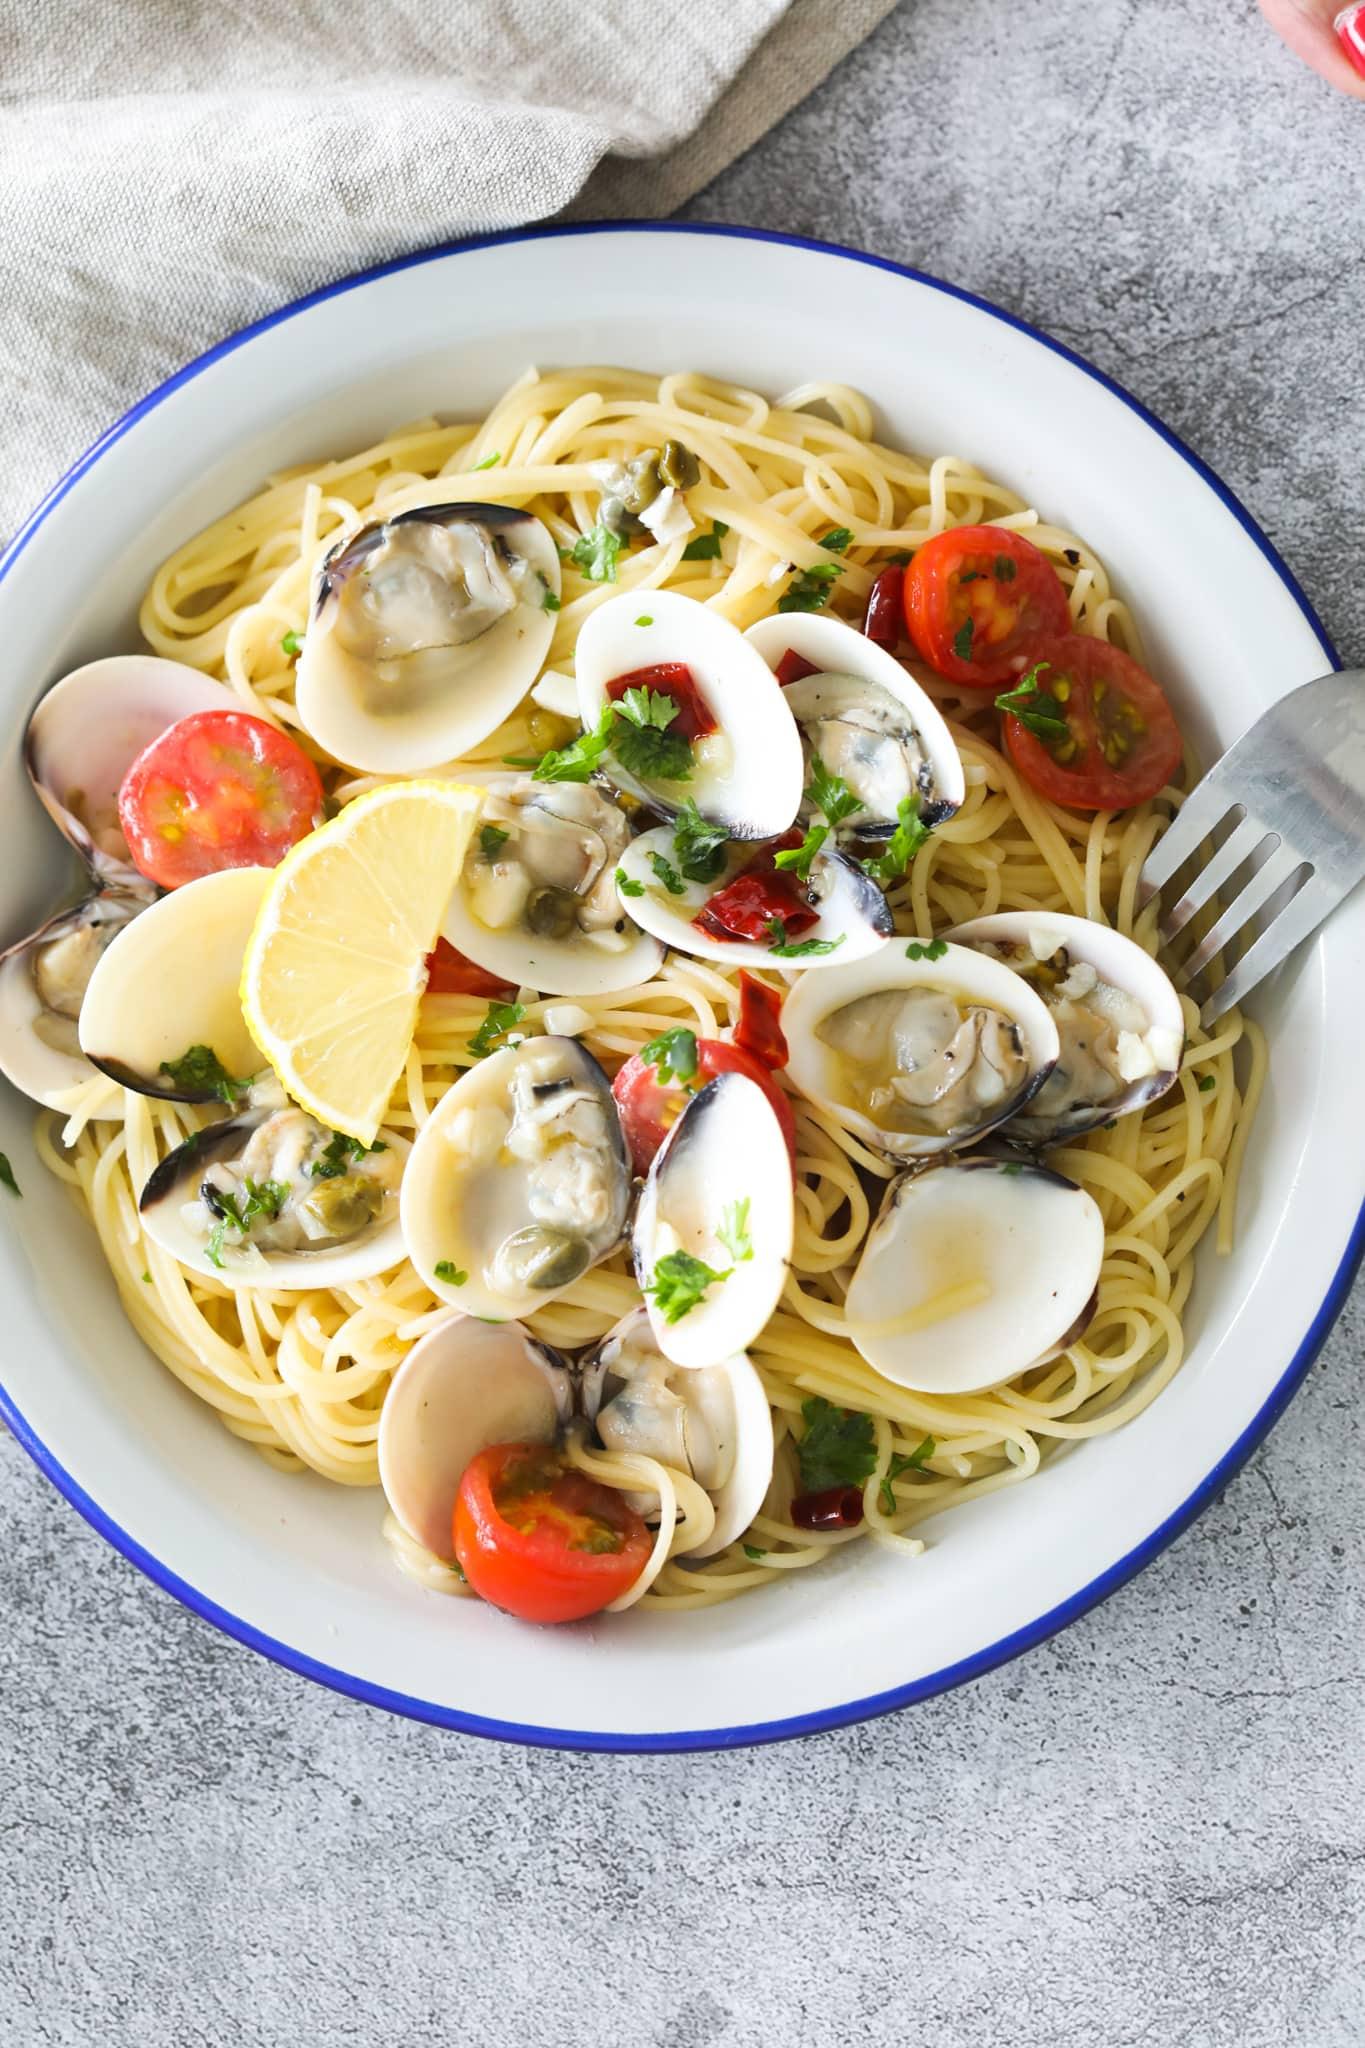 Capellini aux palourdes servis dans une assiette.